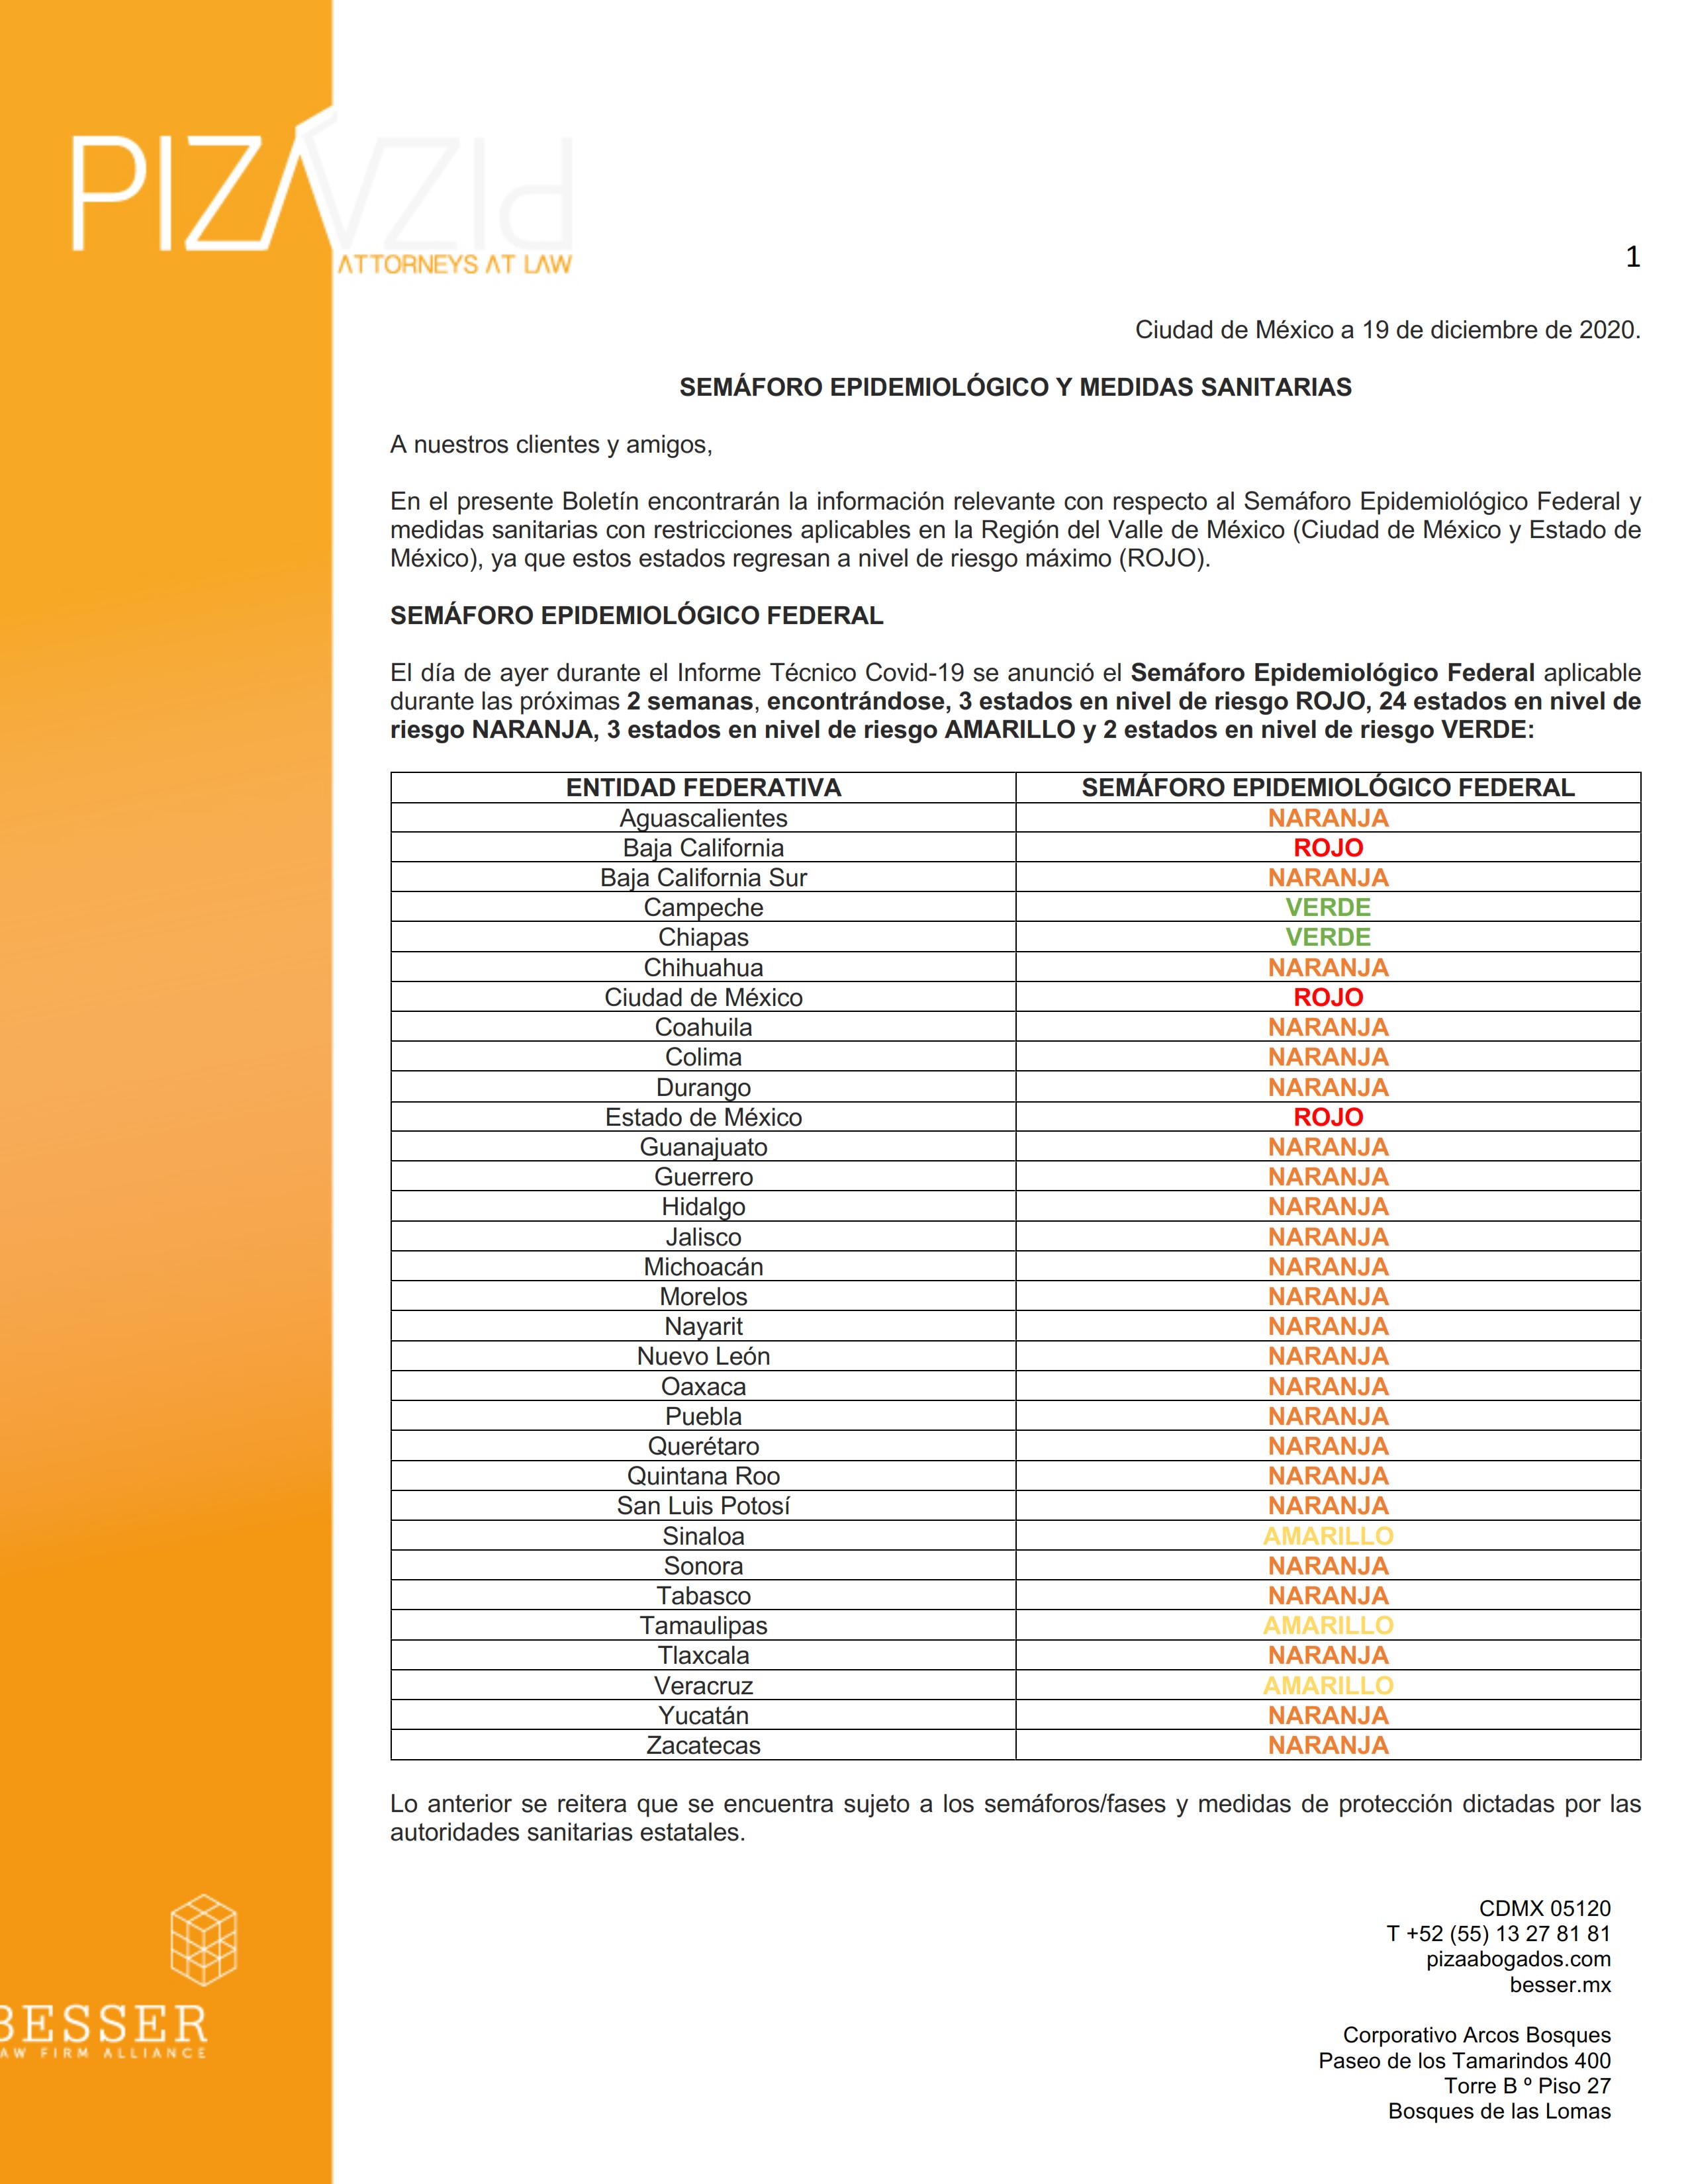 Semáforo Epidemiológico - Nivel Federal y Valle de México (19 diciembre de 2020)